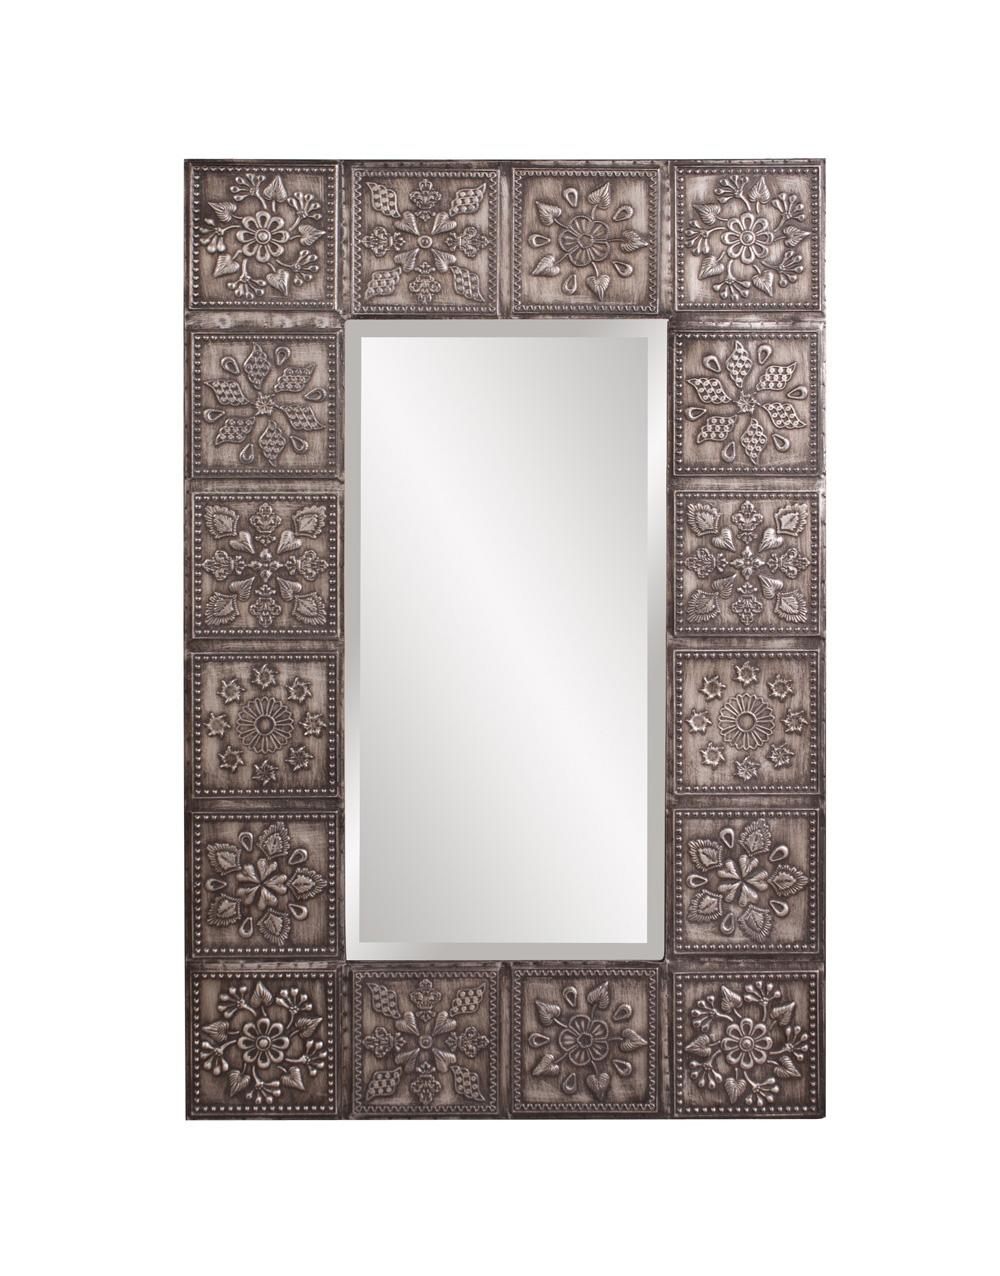 o miroir montreal 35 4143xw miroir 35 7432xp miroir 02